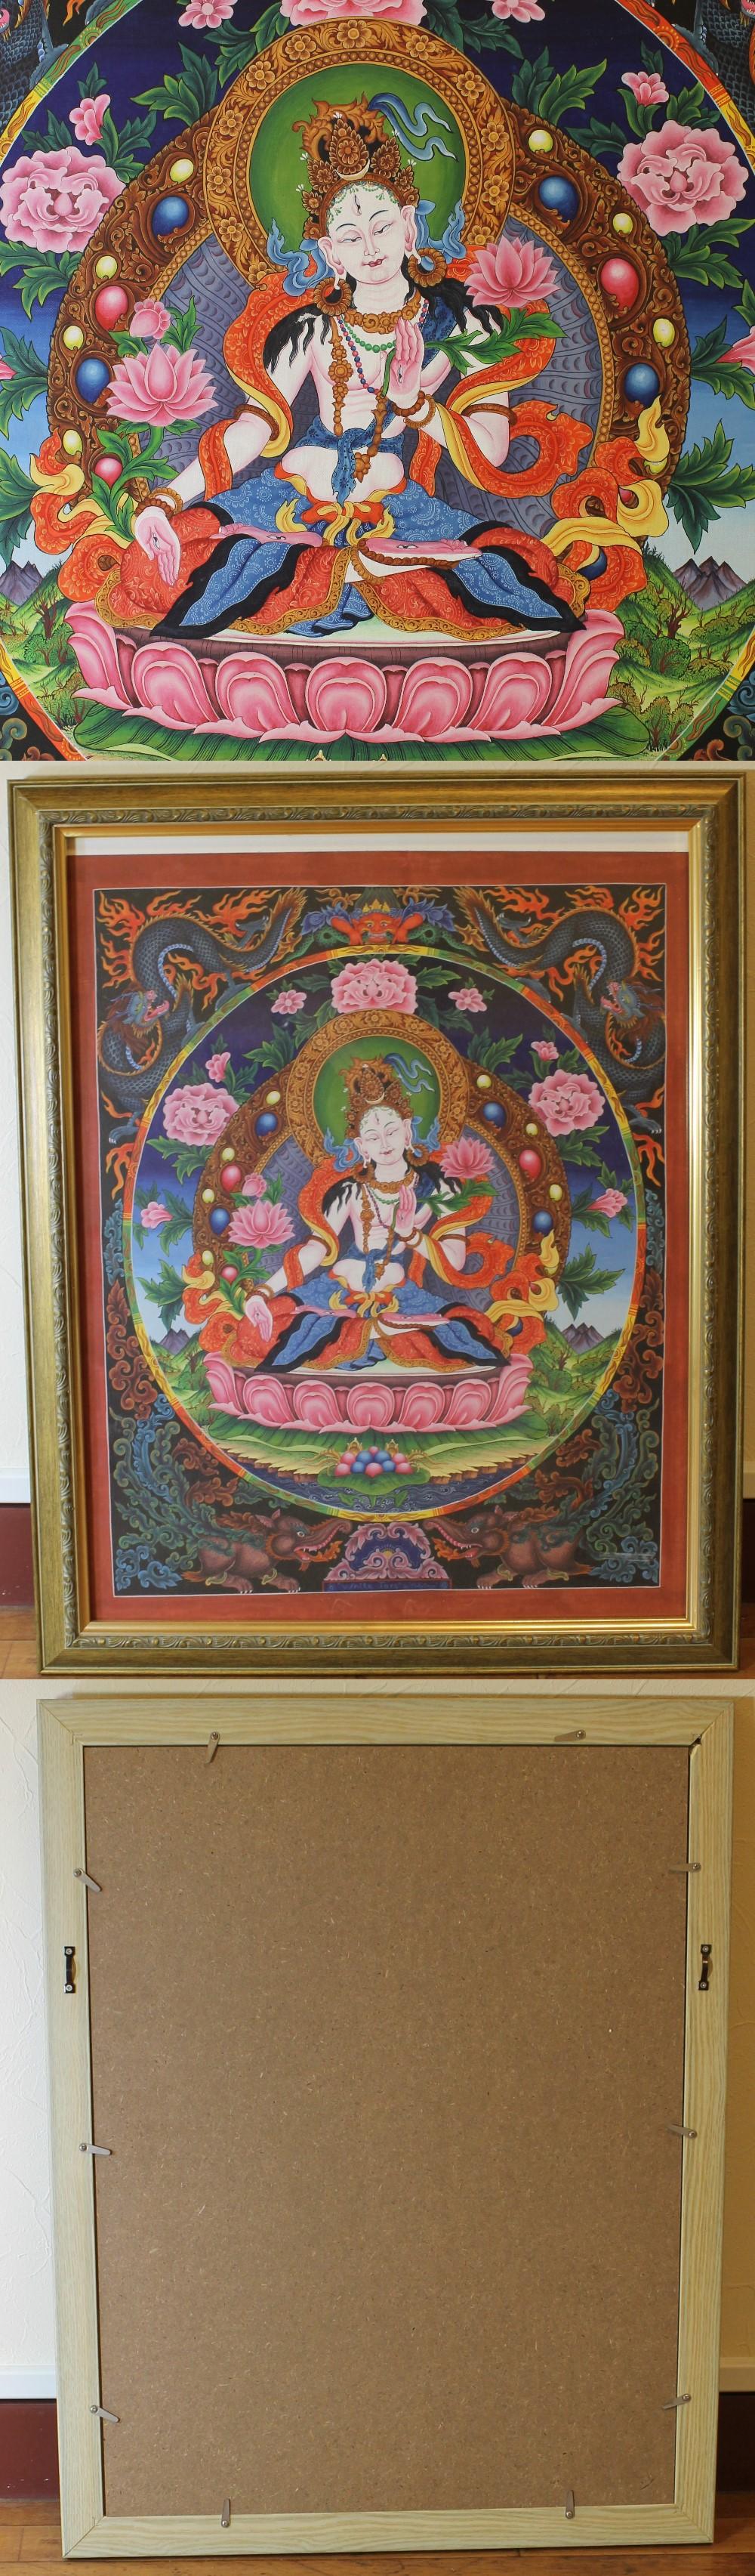 143チベット仏画2